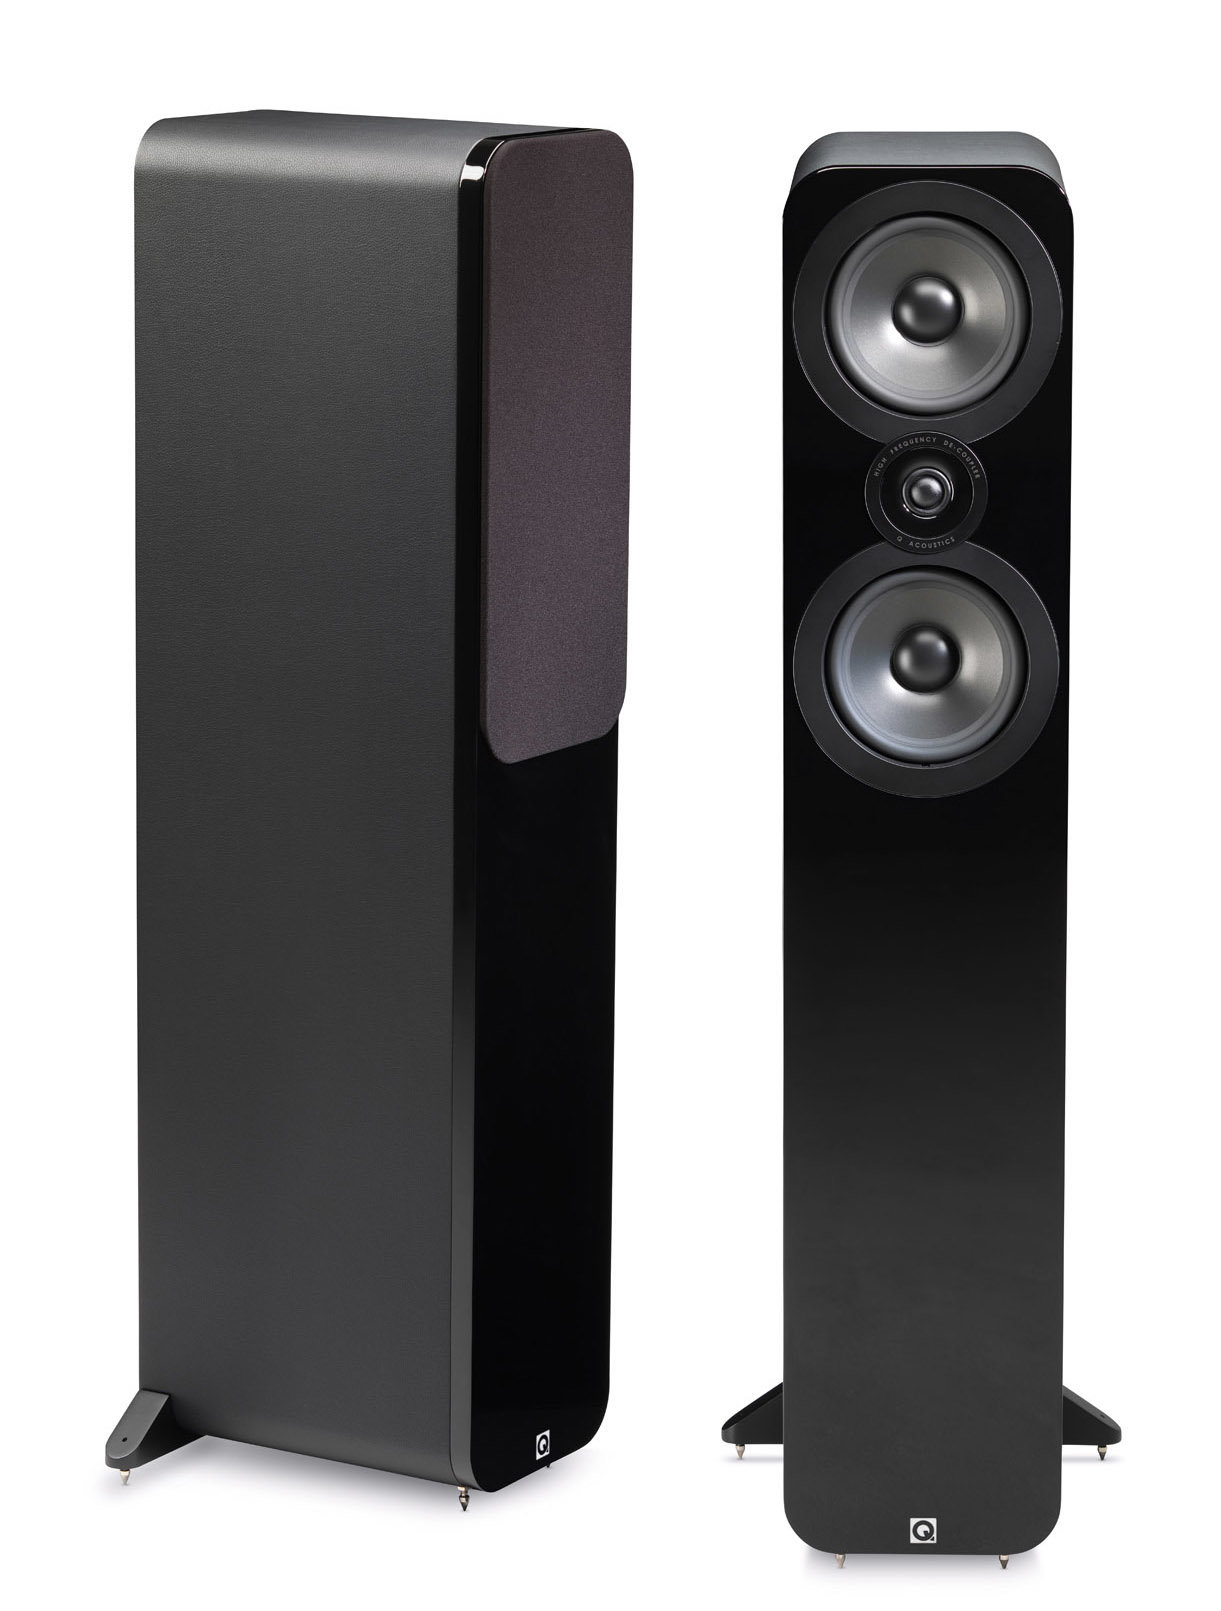 Колонка напольная Q Acoustics Q3050 gloss black